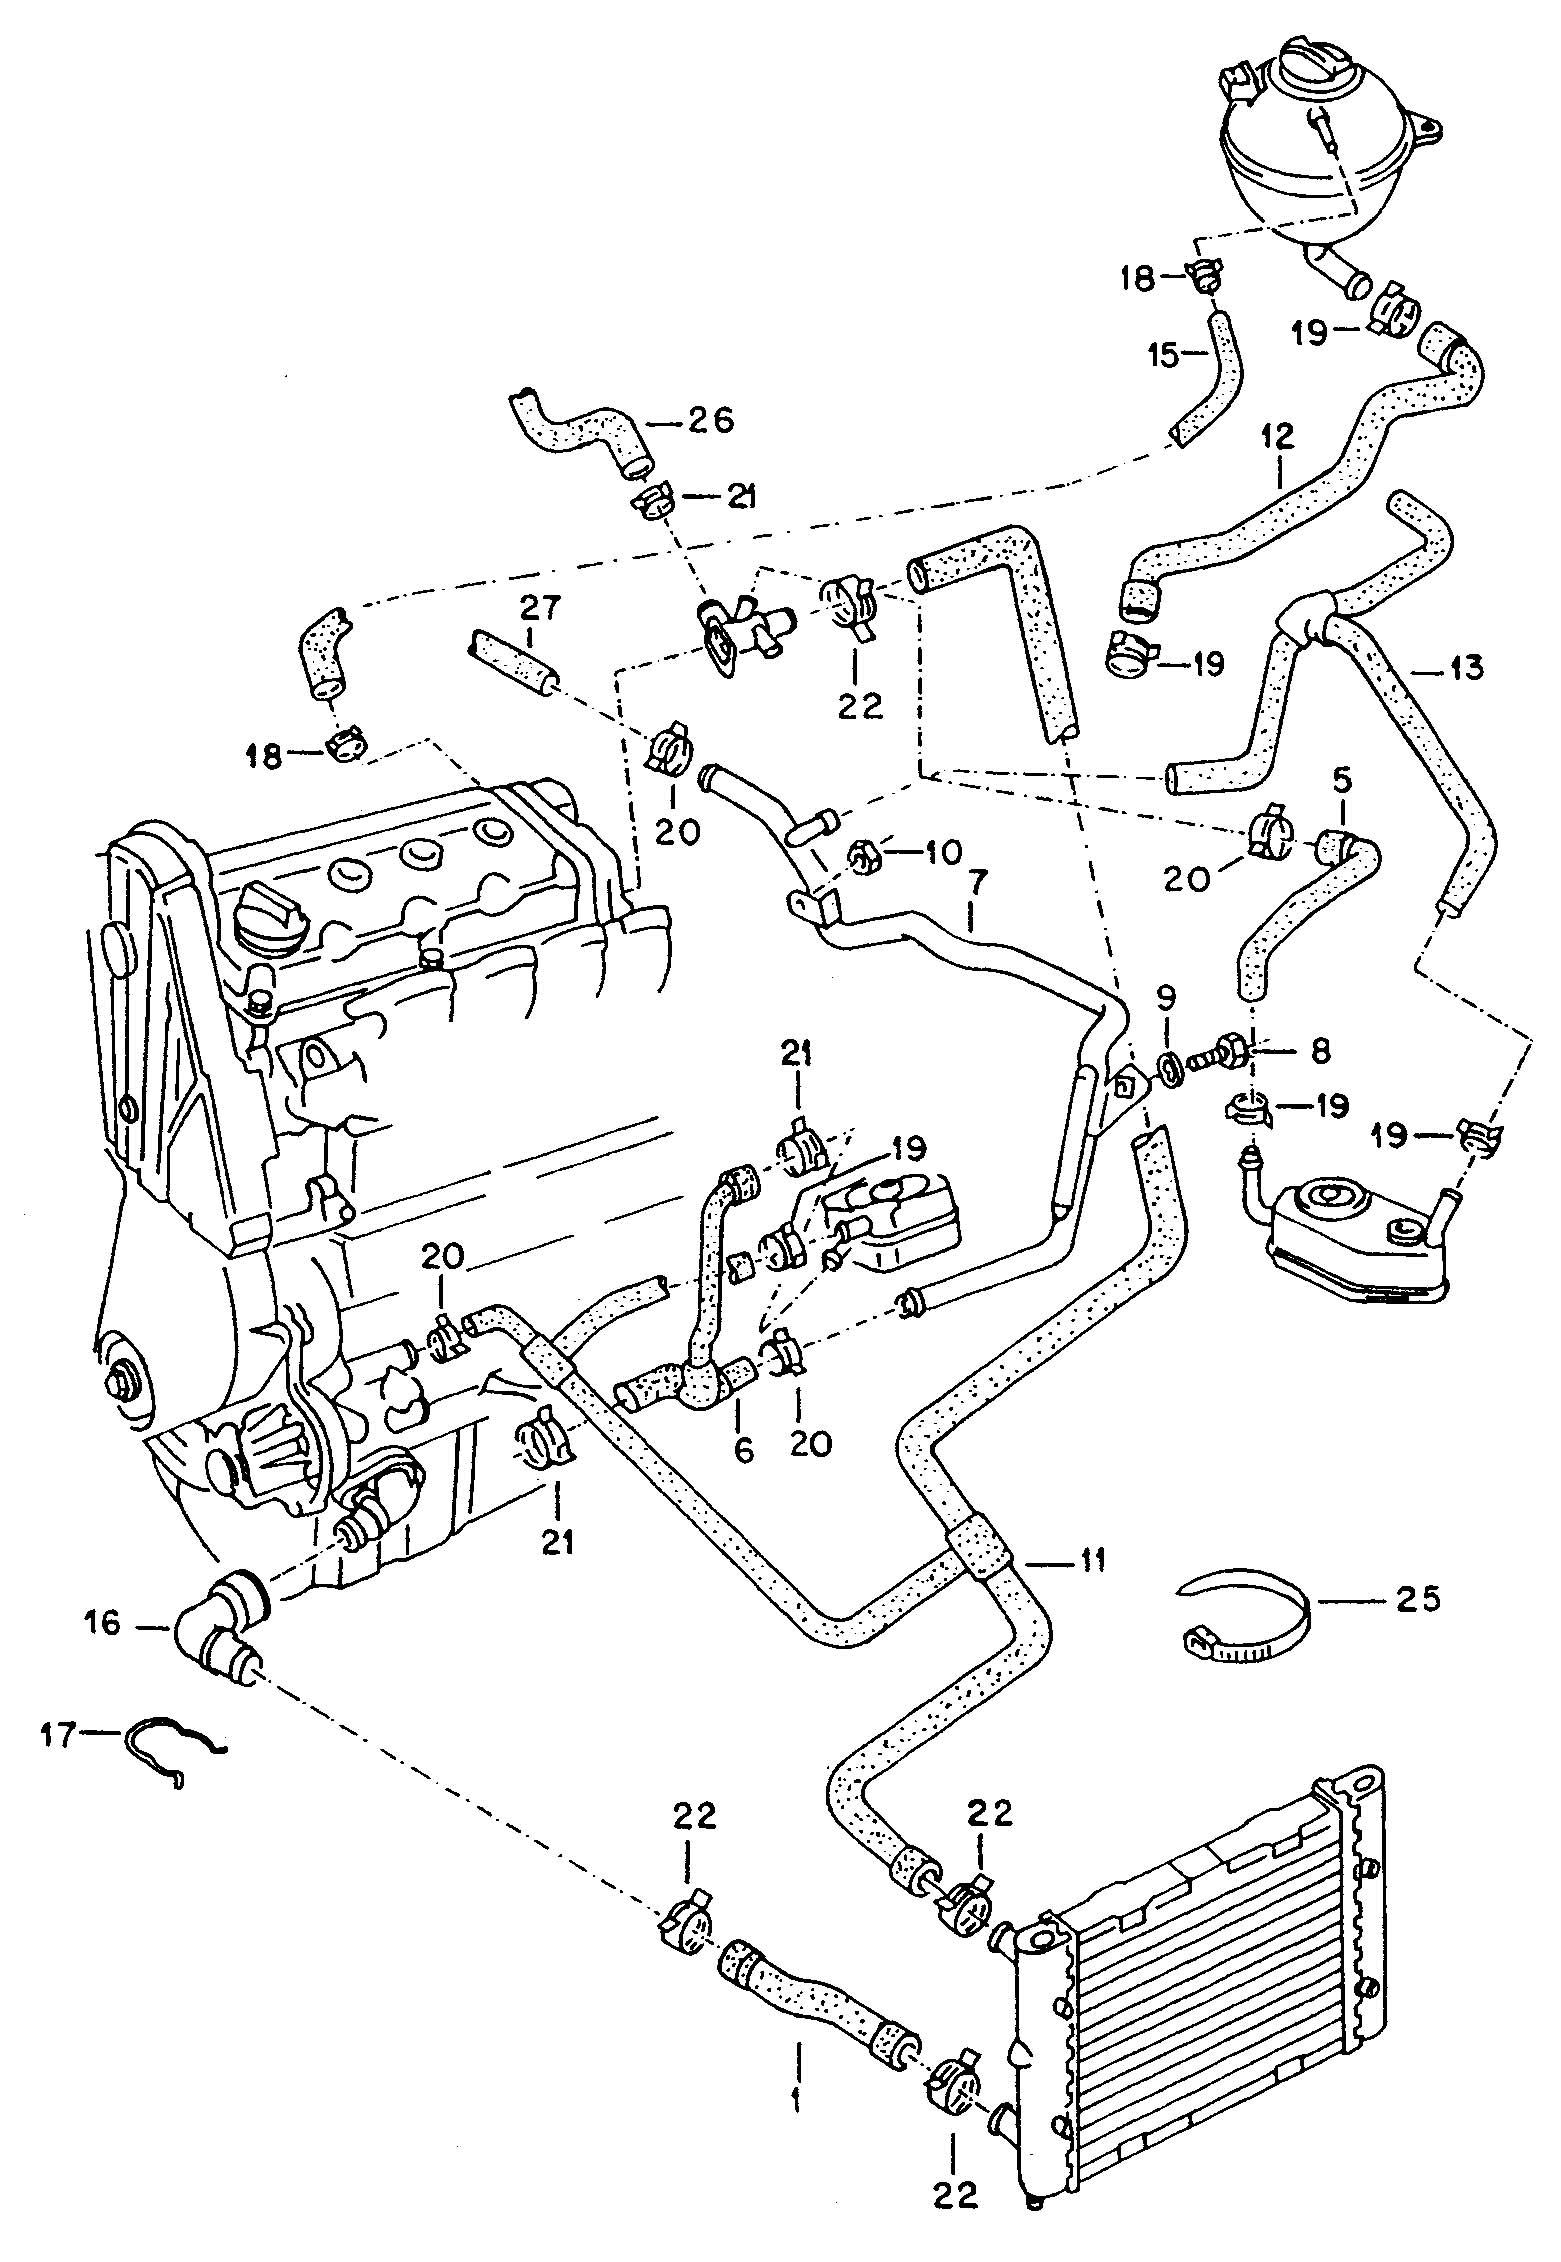 2003 Dodge Stratus Fuel Filter